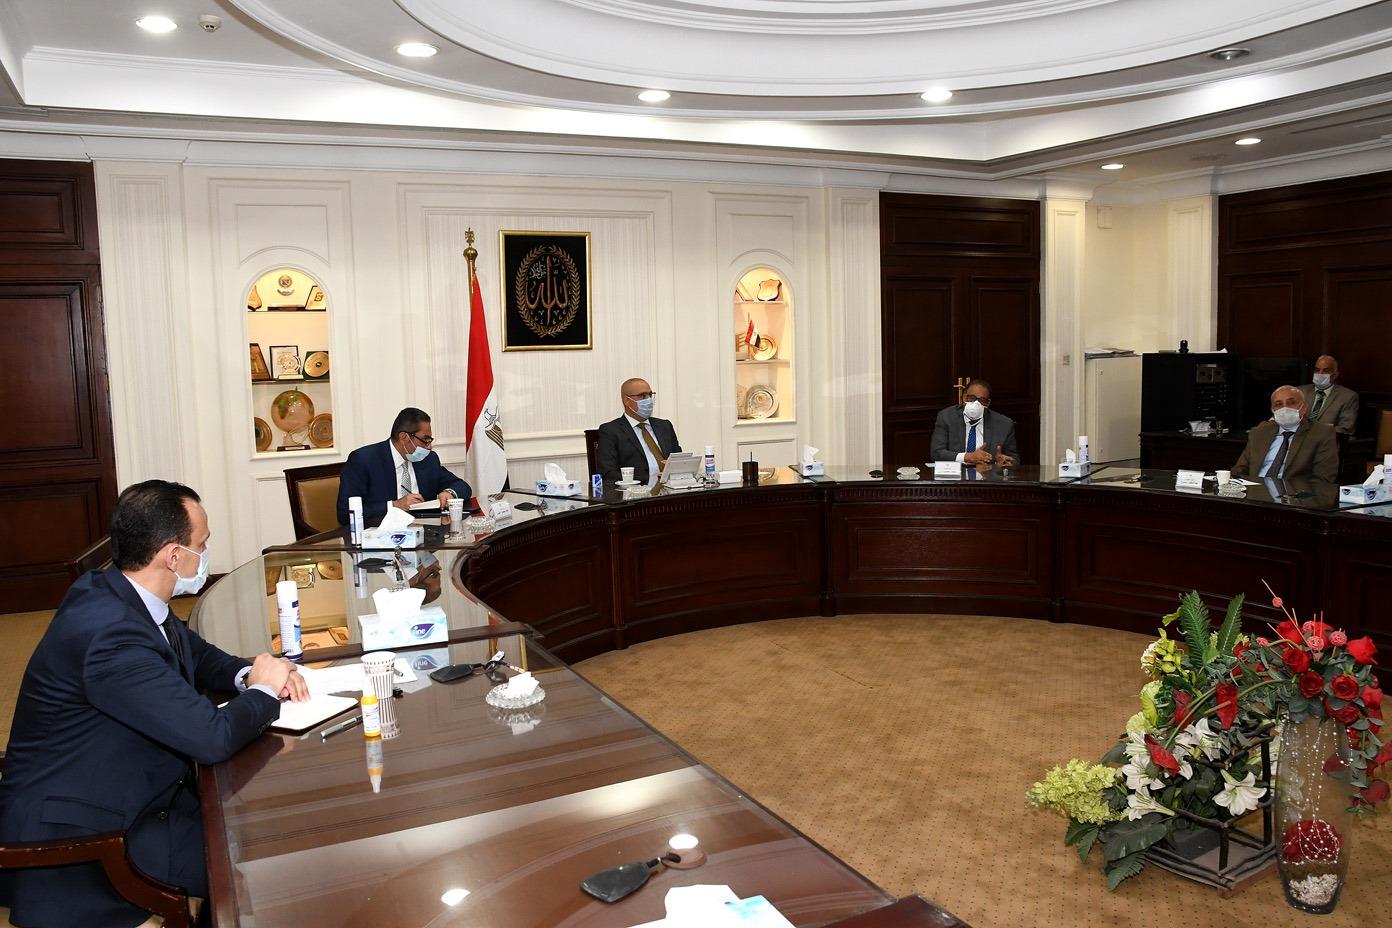 صور | وزير الإسكان يتابع الموقف التنفيذي لمشروع تطوير «منطقة سور مجرى العيون» بمصر القديمة